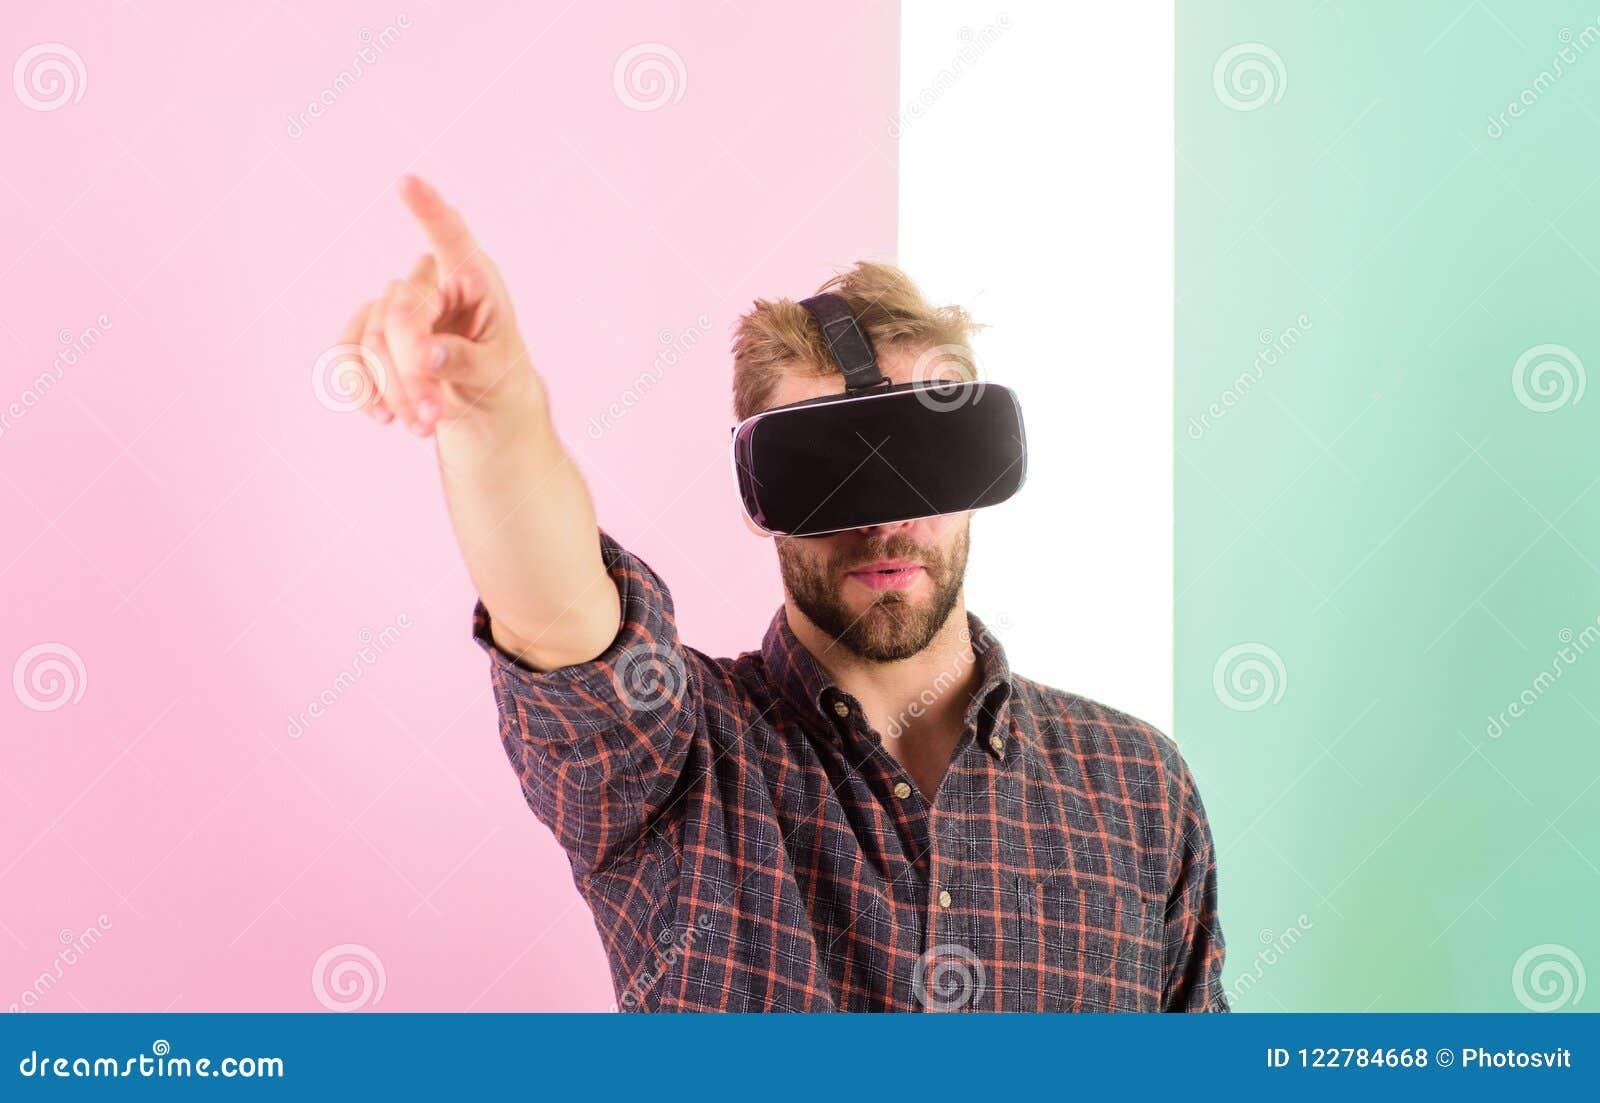 Технология Vr дает новые возможности в инженерстве Укомплектуйте личным составом небритые стекла виртуальной реальности парня, ро